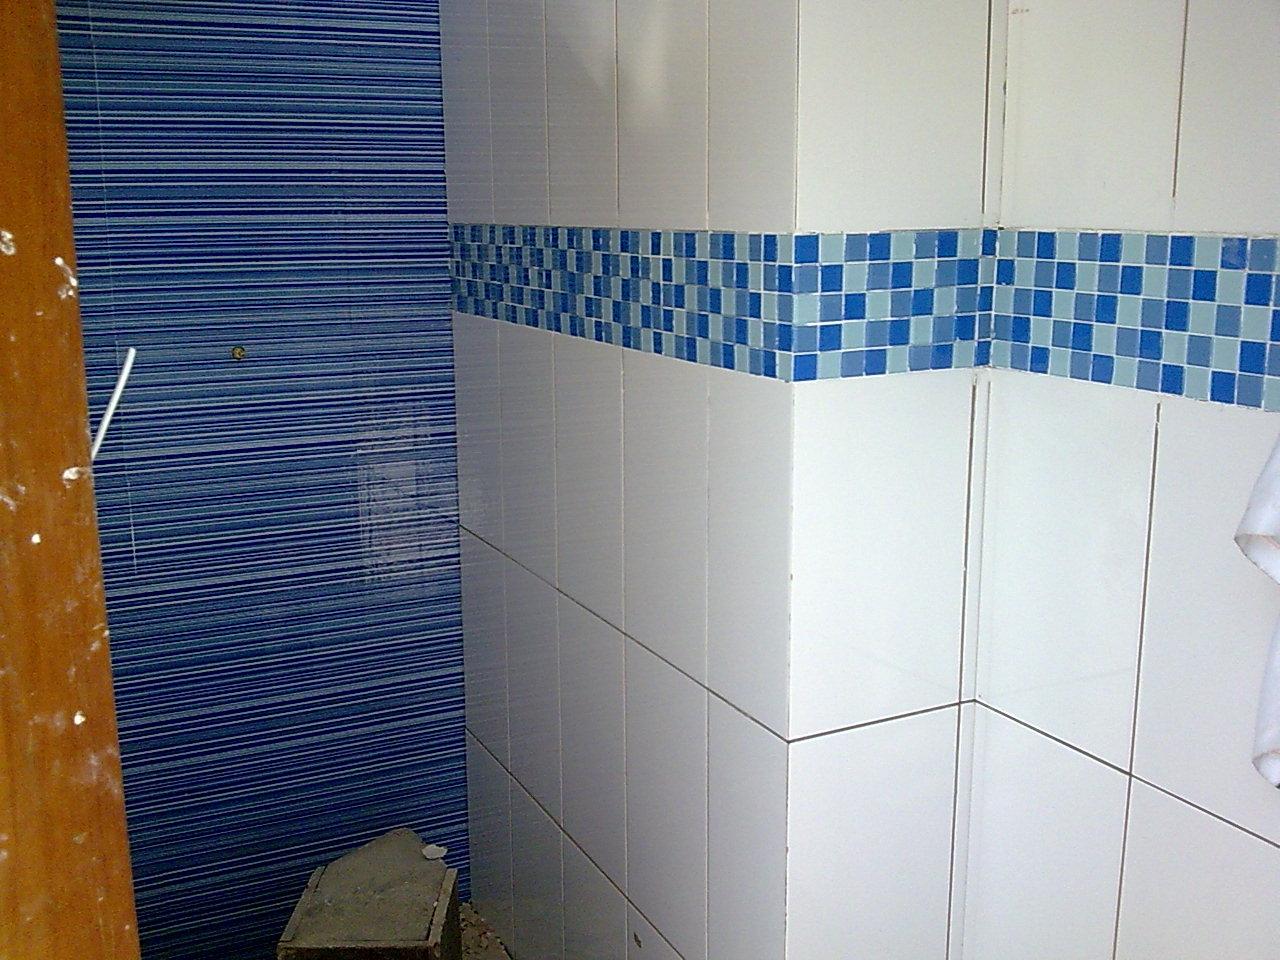 Pin Banheiro Pastilhas Listras Pastilha Tons Vermelho Pelautscom on  #83490D 1280x960 Banheiro Branco E Azul